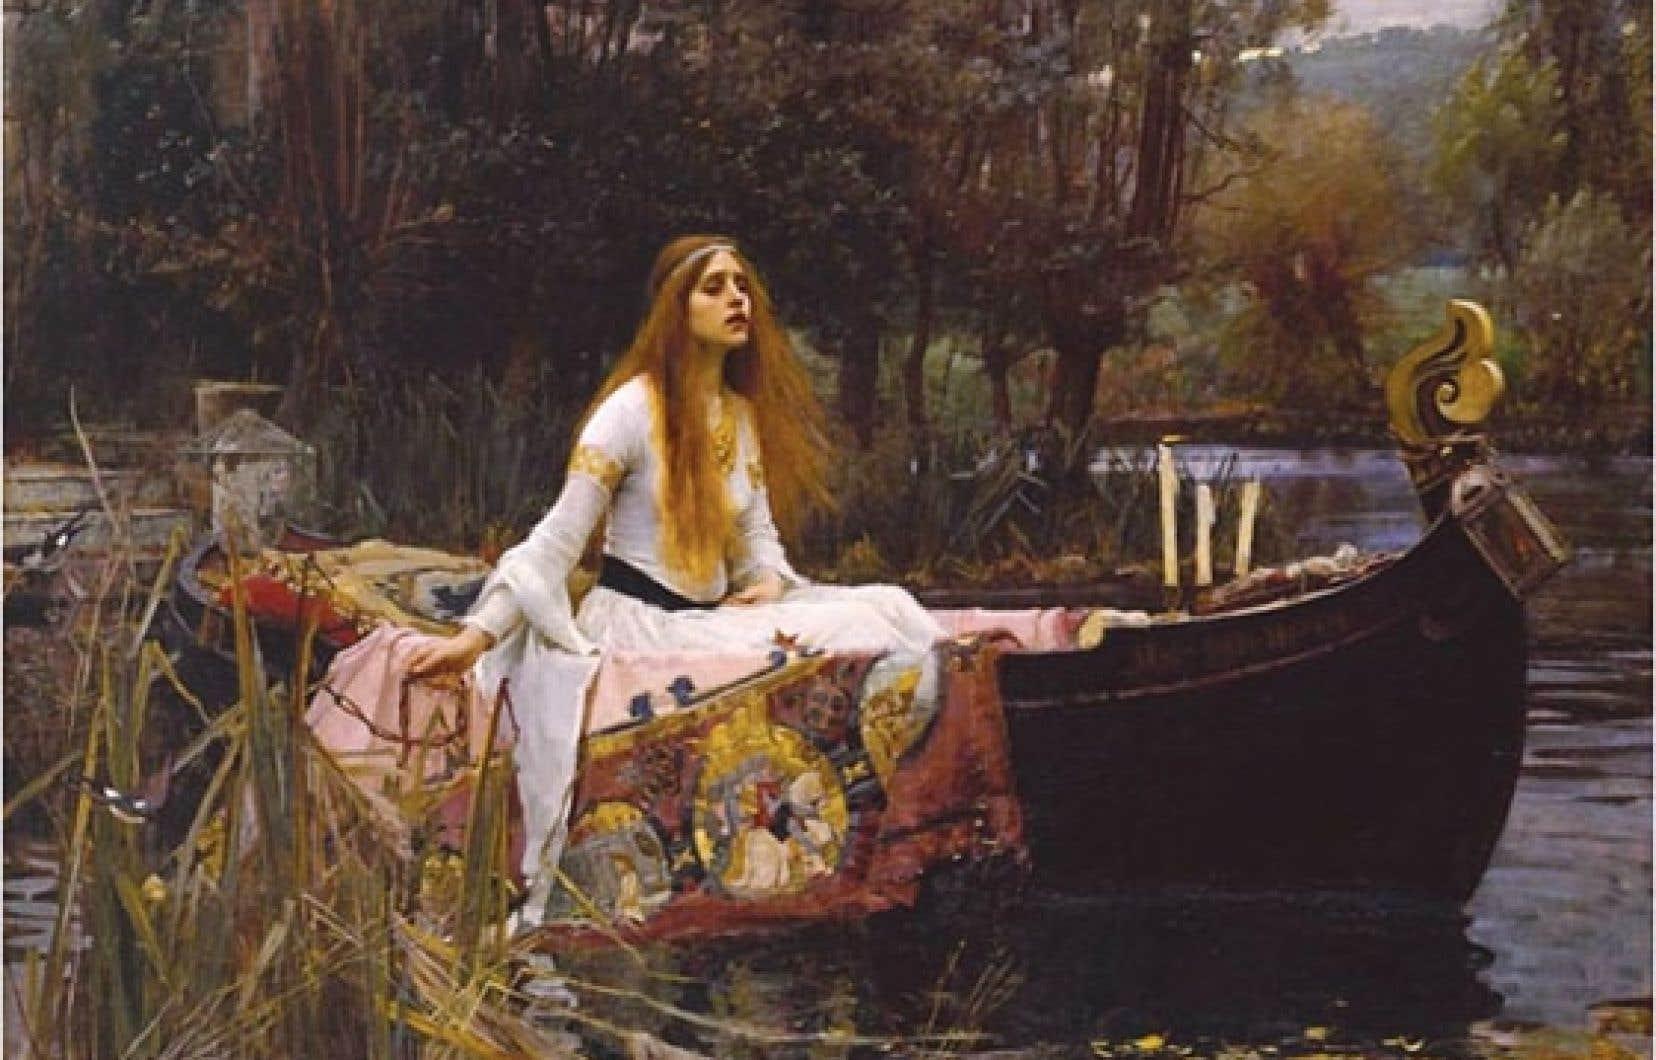 Le coup de cœur des citoyens est allé à The Lady of Shalott(1888), de John William Waterhouse, tableau qui tire son inspiration du poème du même nom d'Alfred Tennyson.